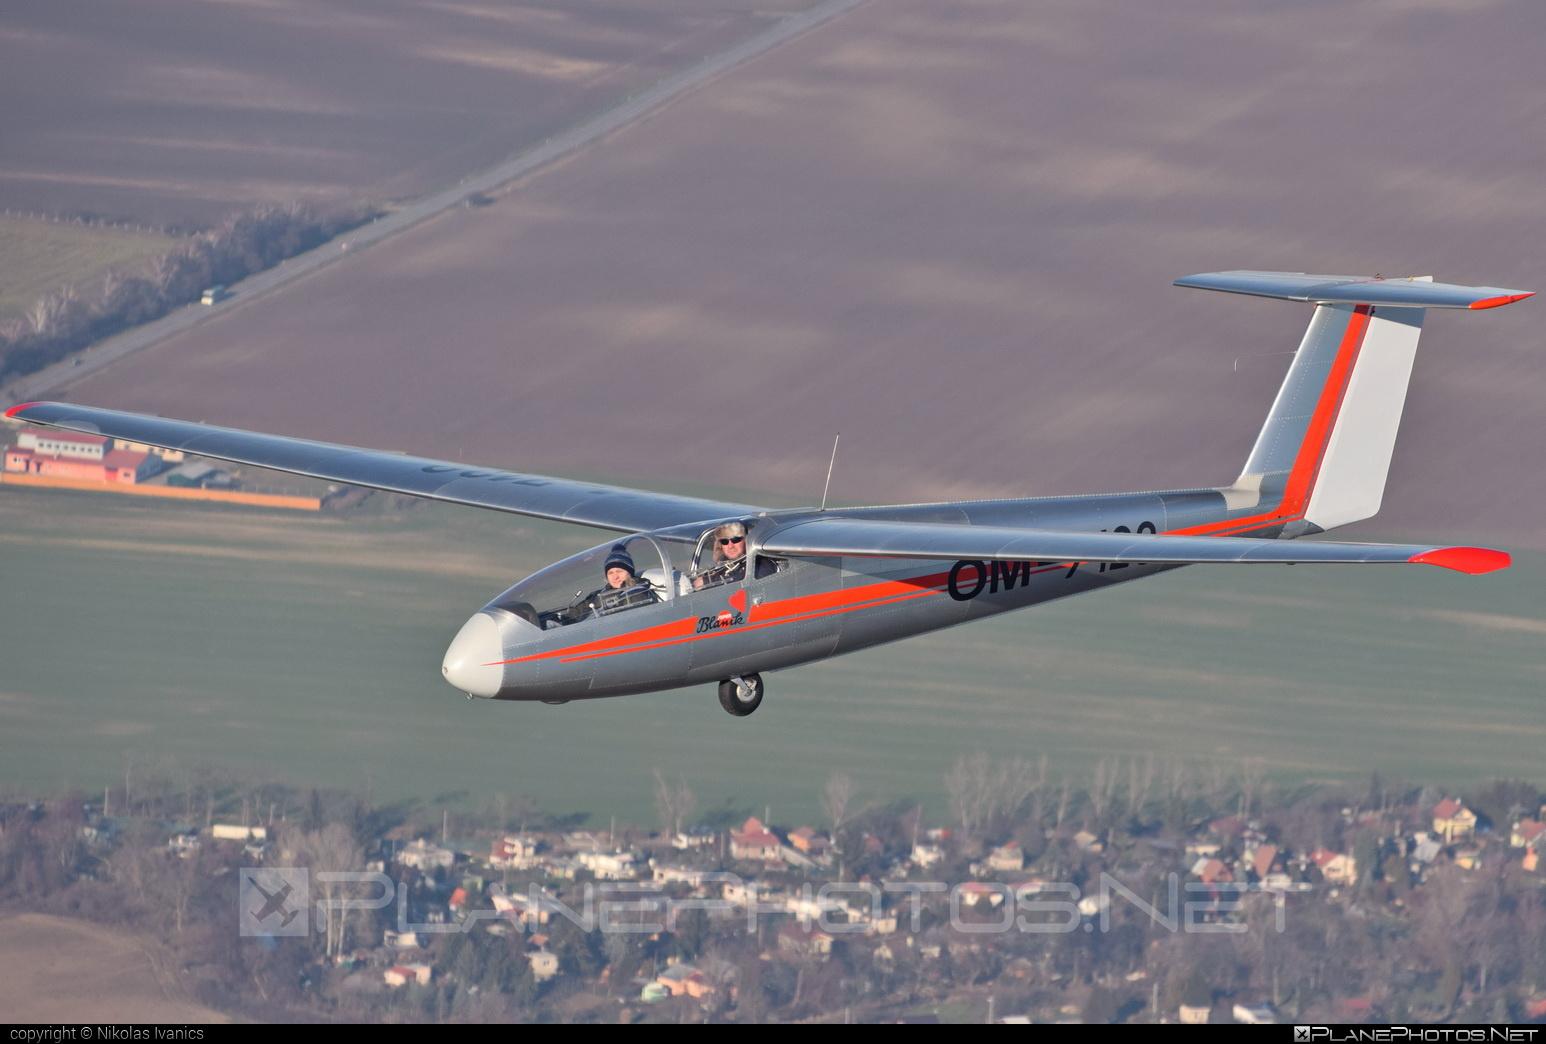 Let L-23 Super Blanik - OM-7128 operated by Slovenský národný aeroklub (Slovak National Aeroclub) #let